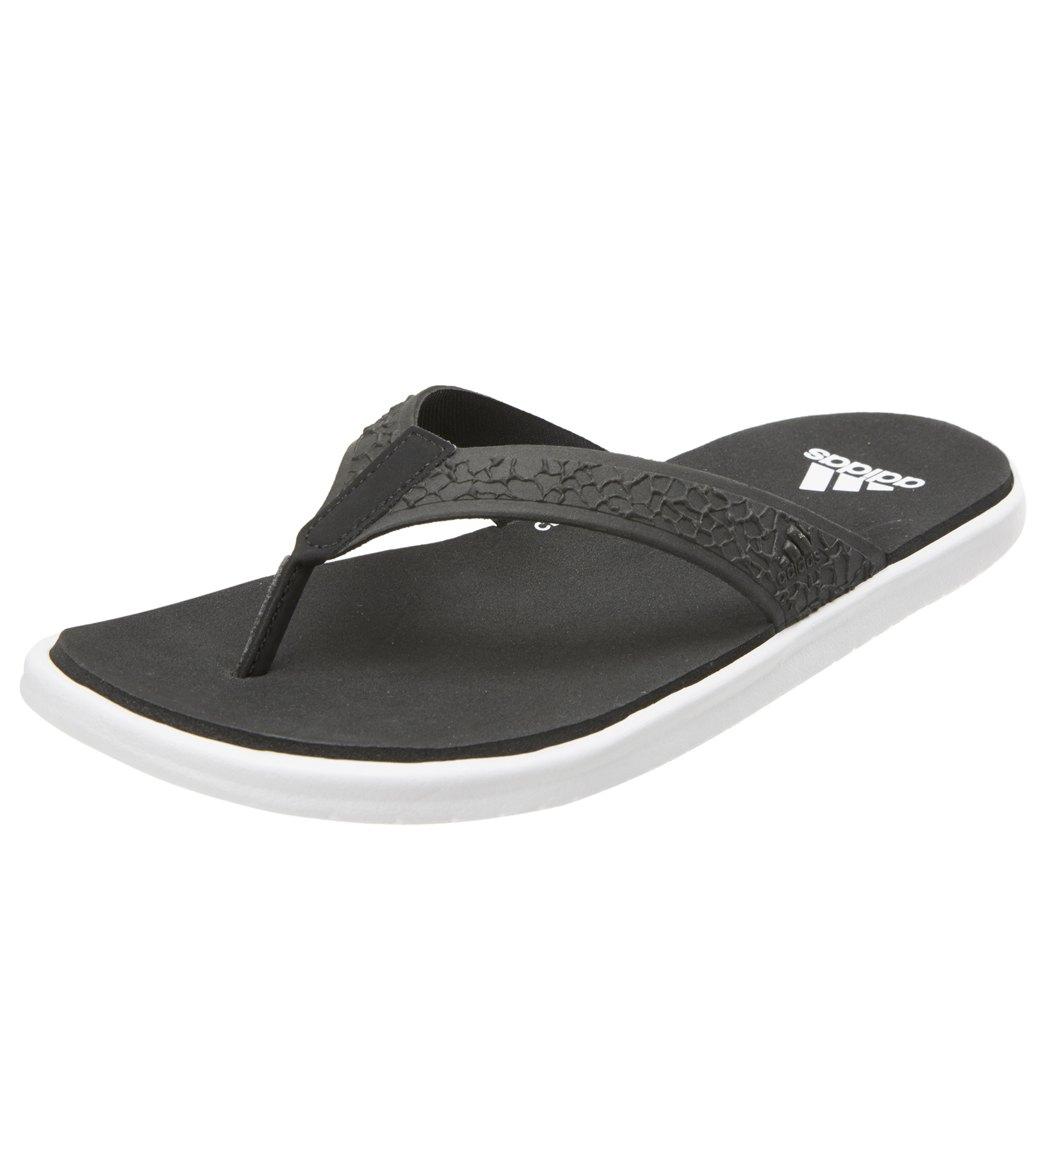 c3c0e5c5d4a239 Adidas Women s Beachcloud Flip Flop at SwimOutlet.com